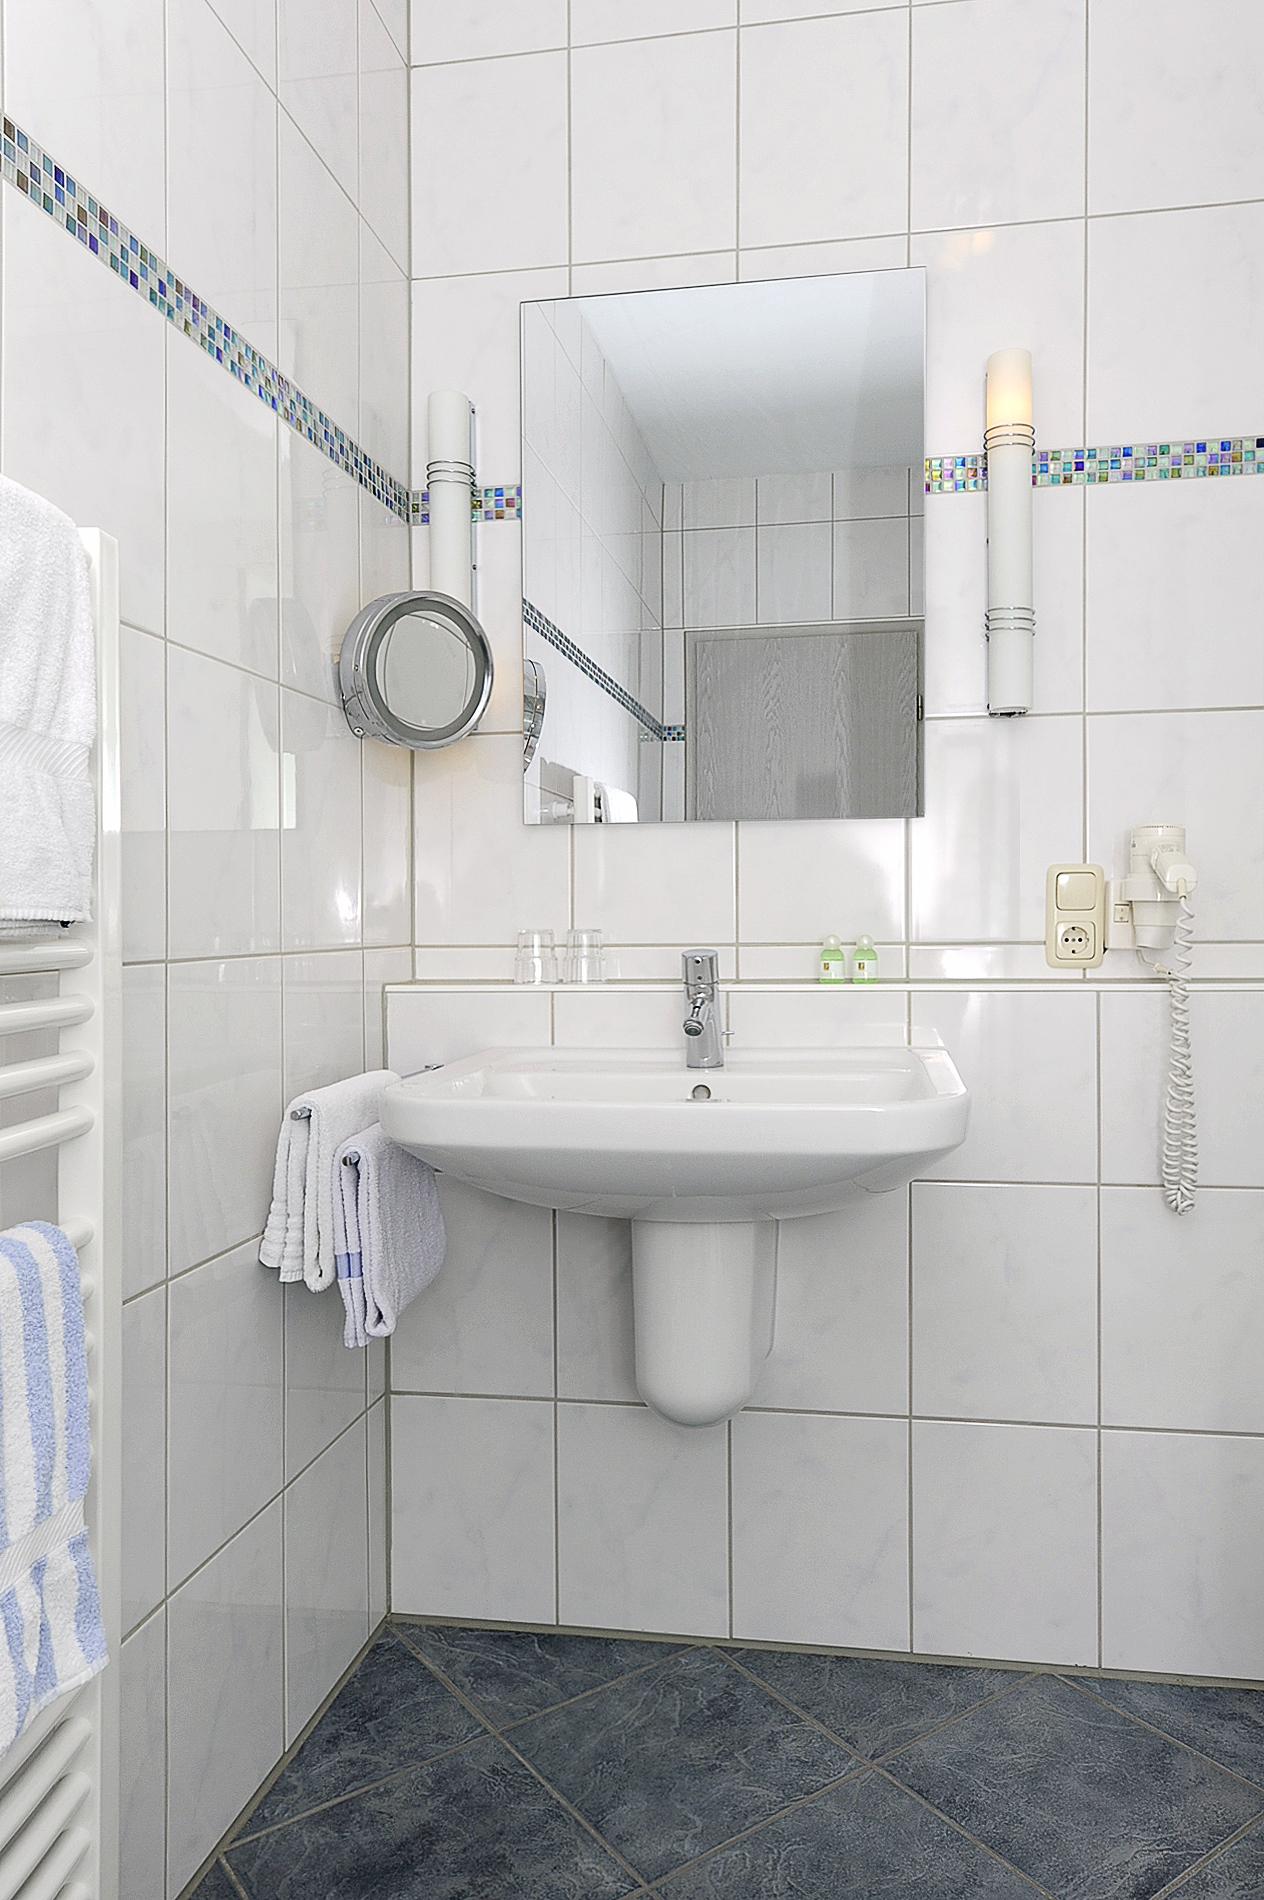 Hotel Schiffer Badezimmerbeispiel